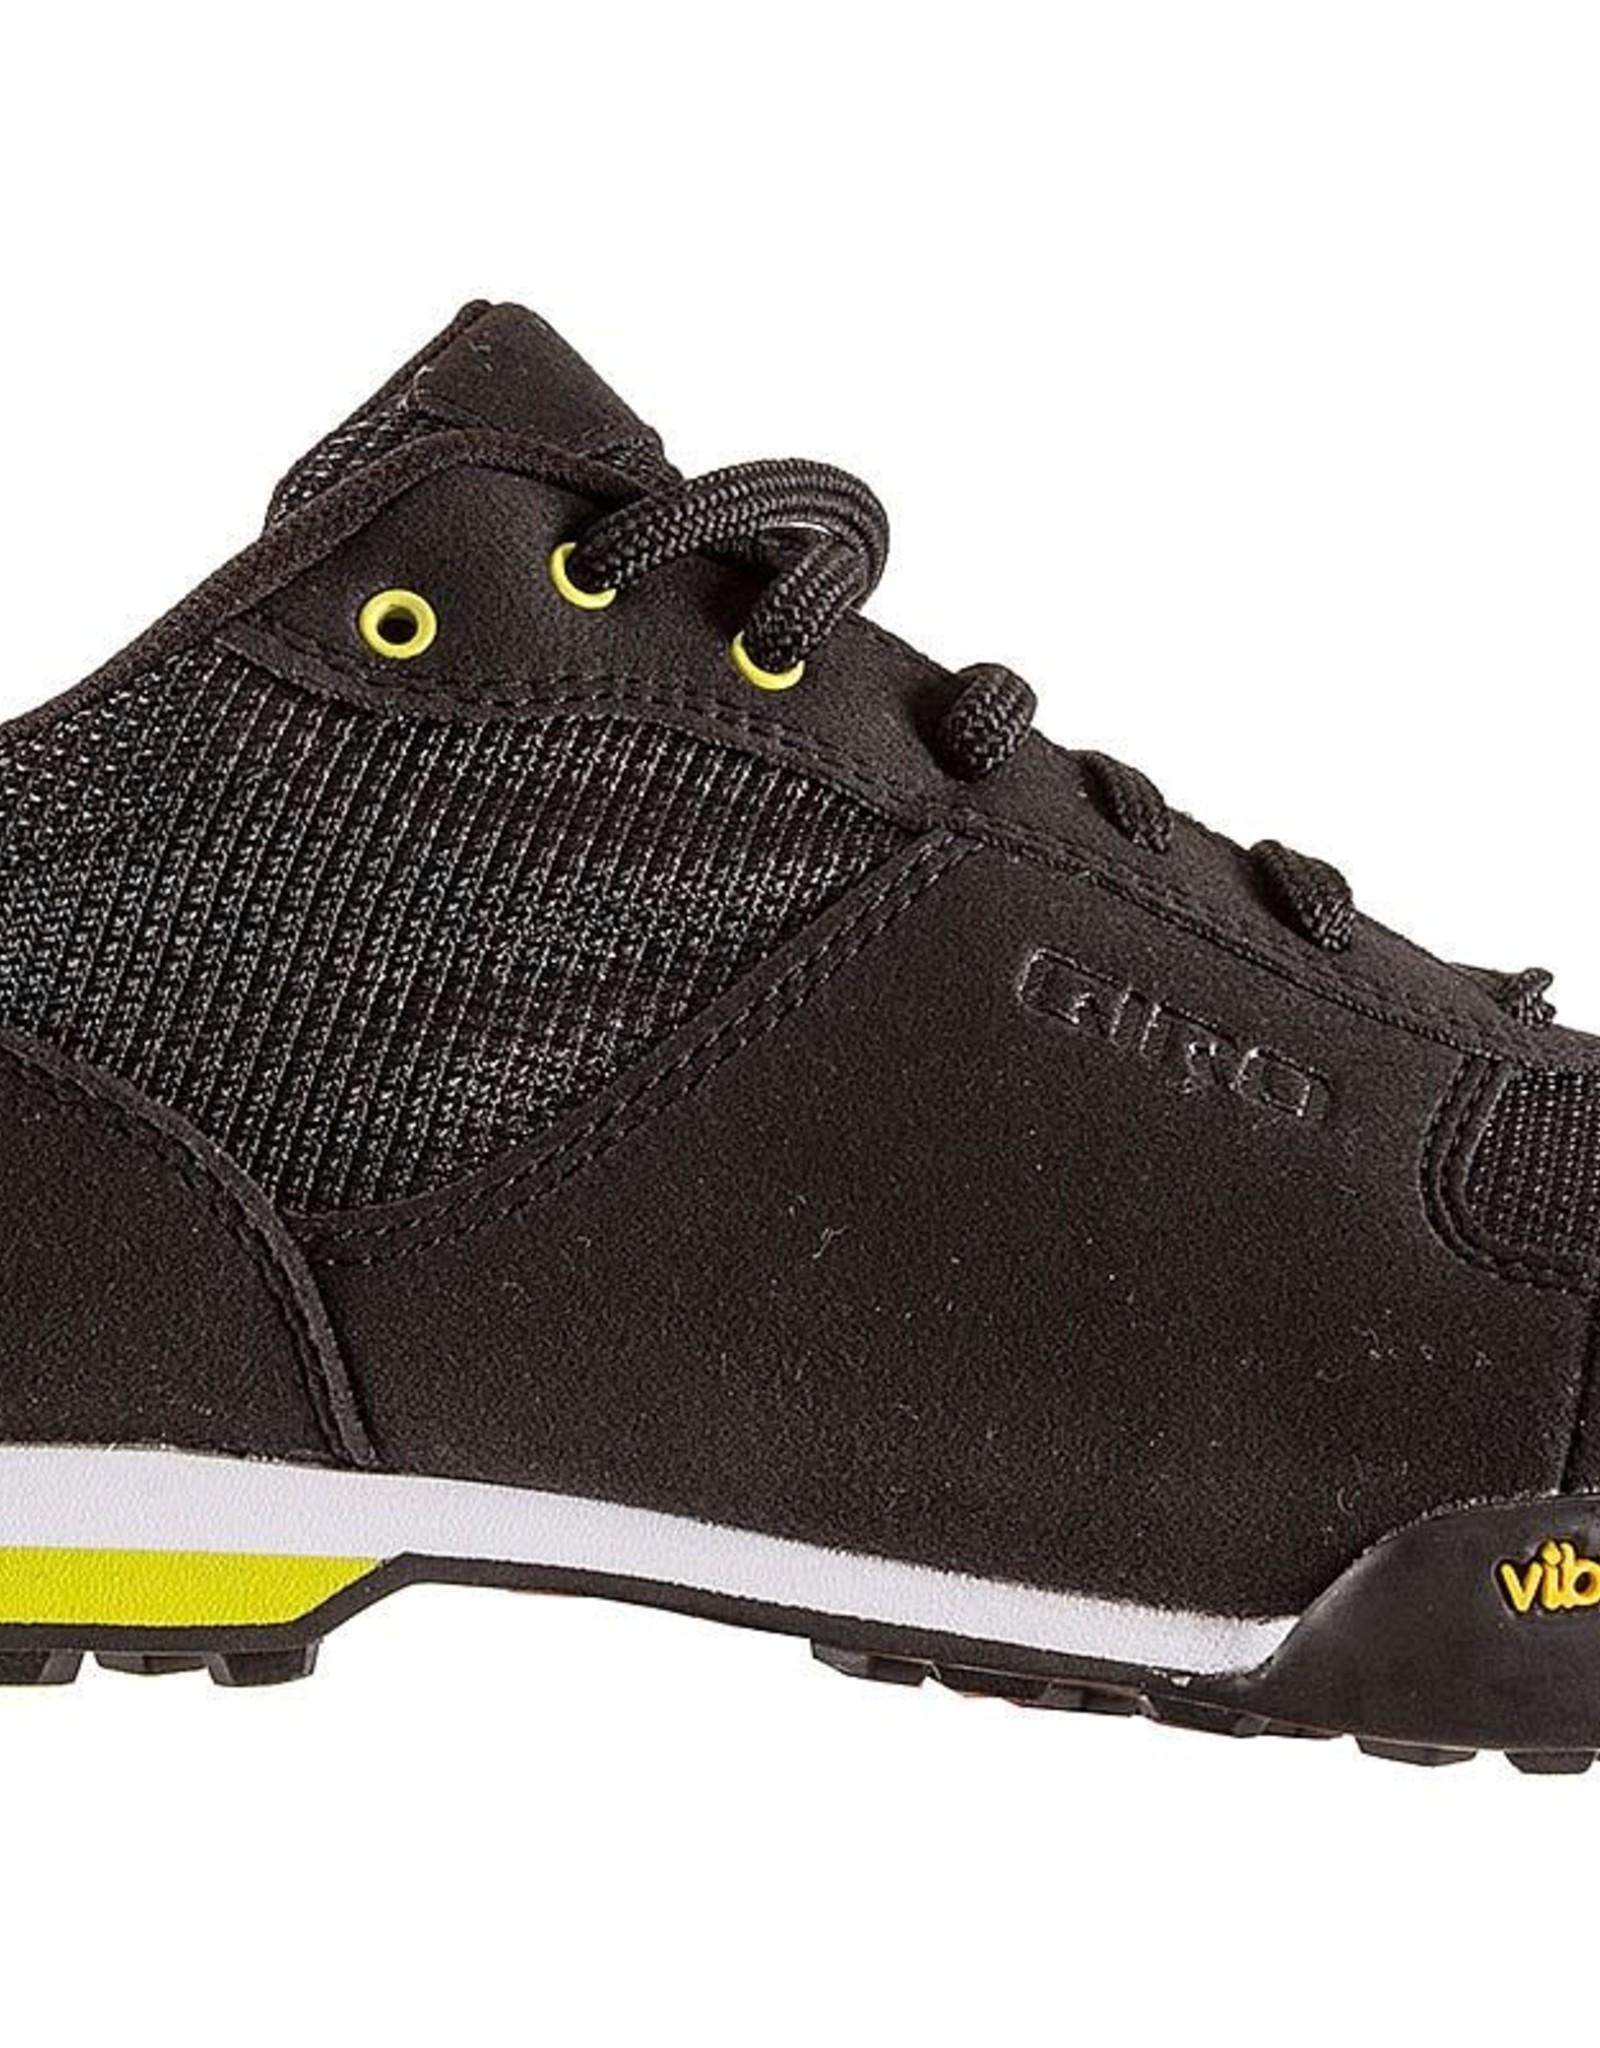 Giro GIRO Bike Shoes PETRA VR